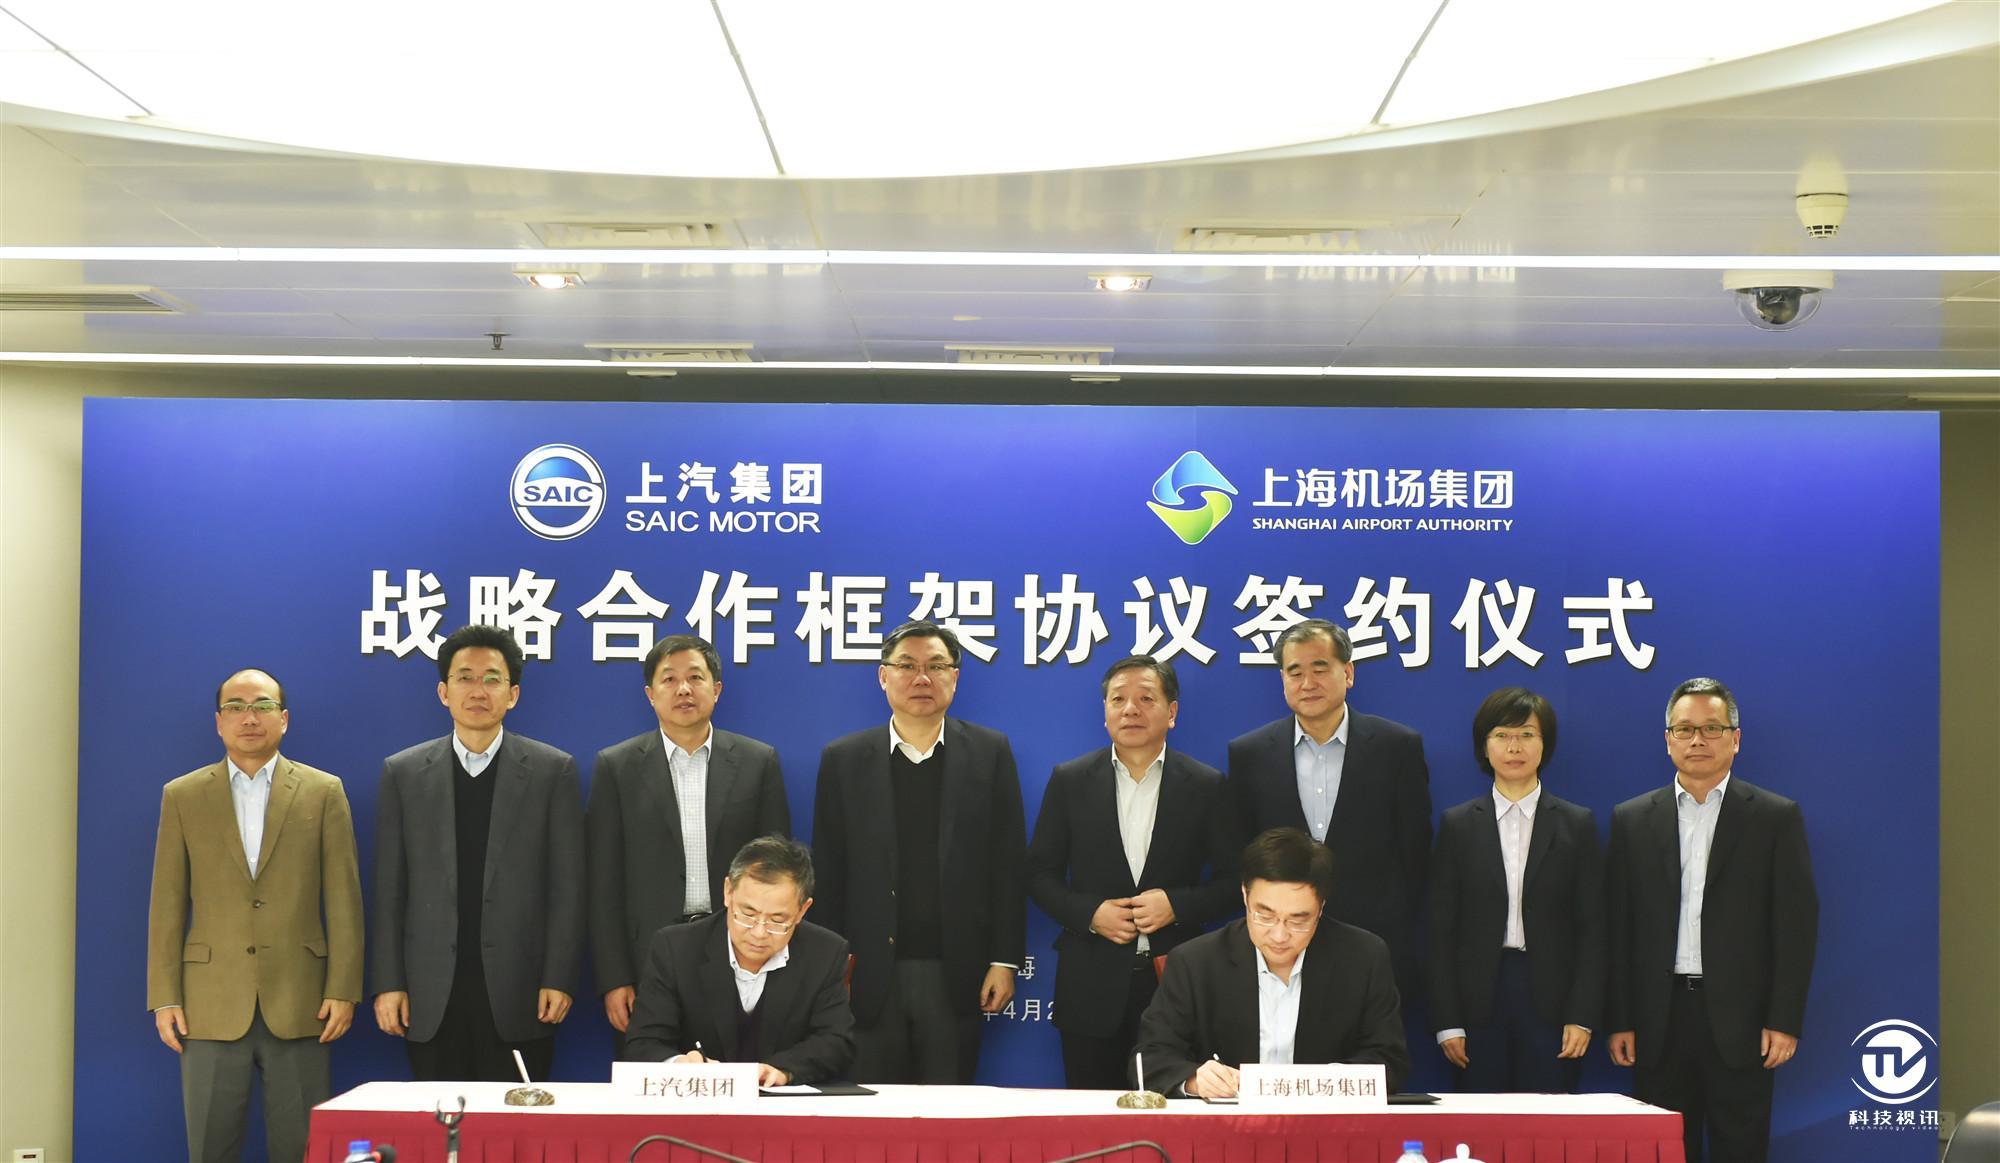 上汽集团与上海机场集团正式签署战略合作框架协议.jpg